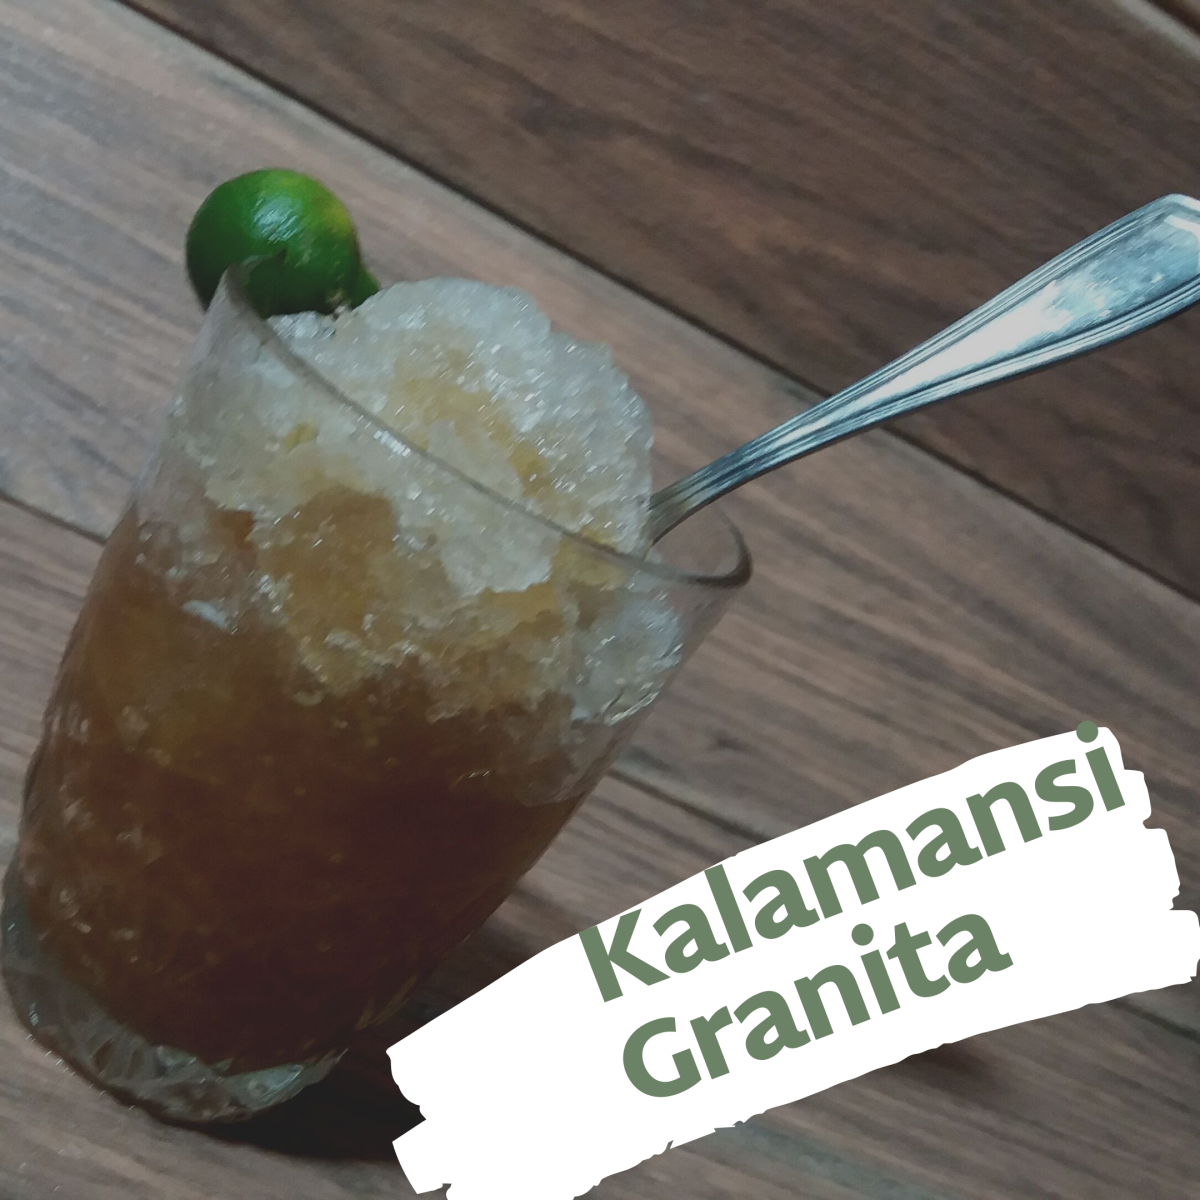 Learn how to make a refreshing kalamansi granita